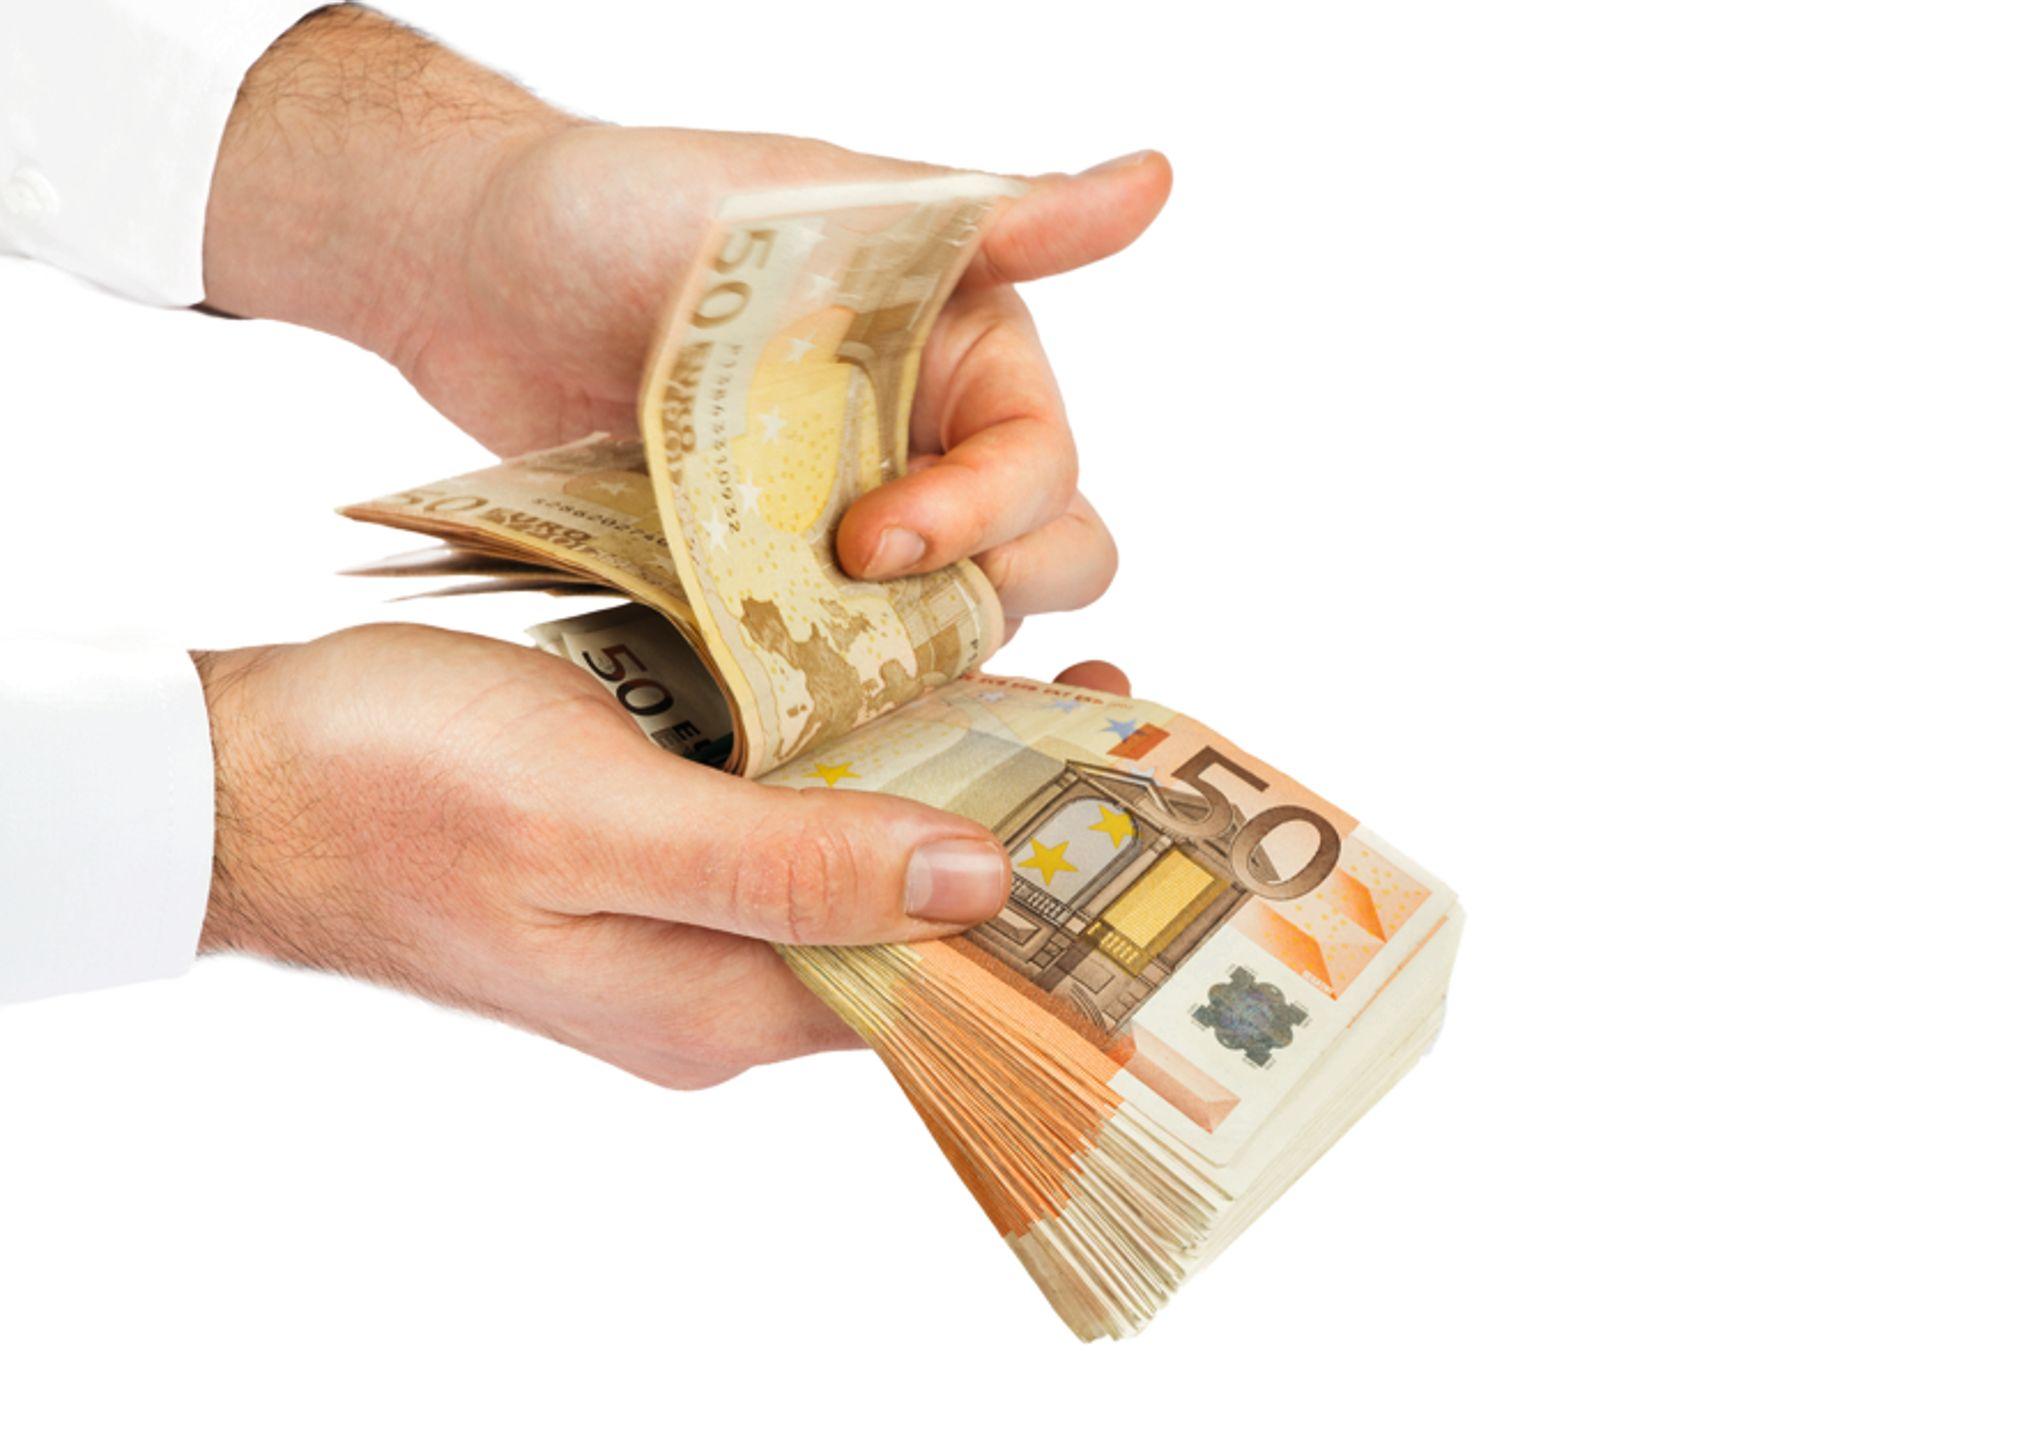 Le paiement en espèces : à quelles conditions ?